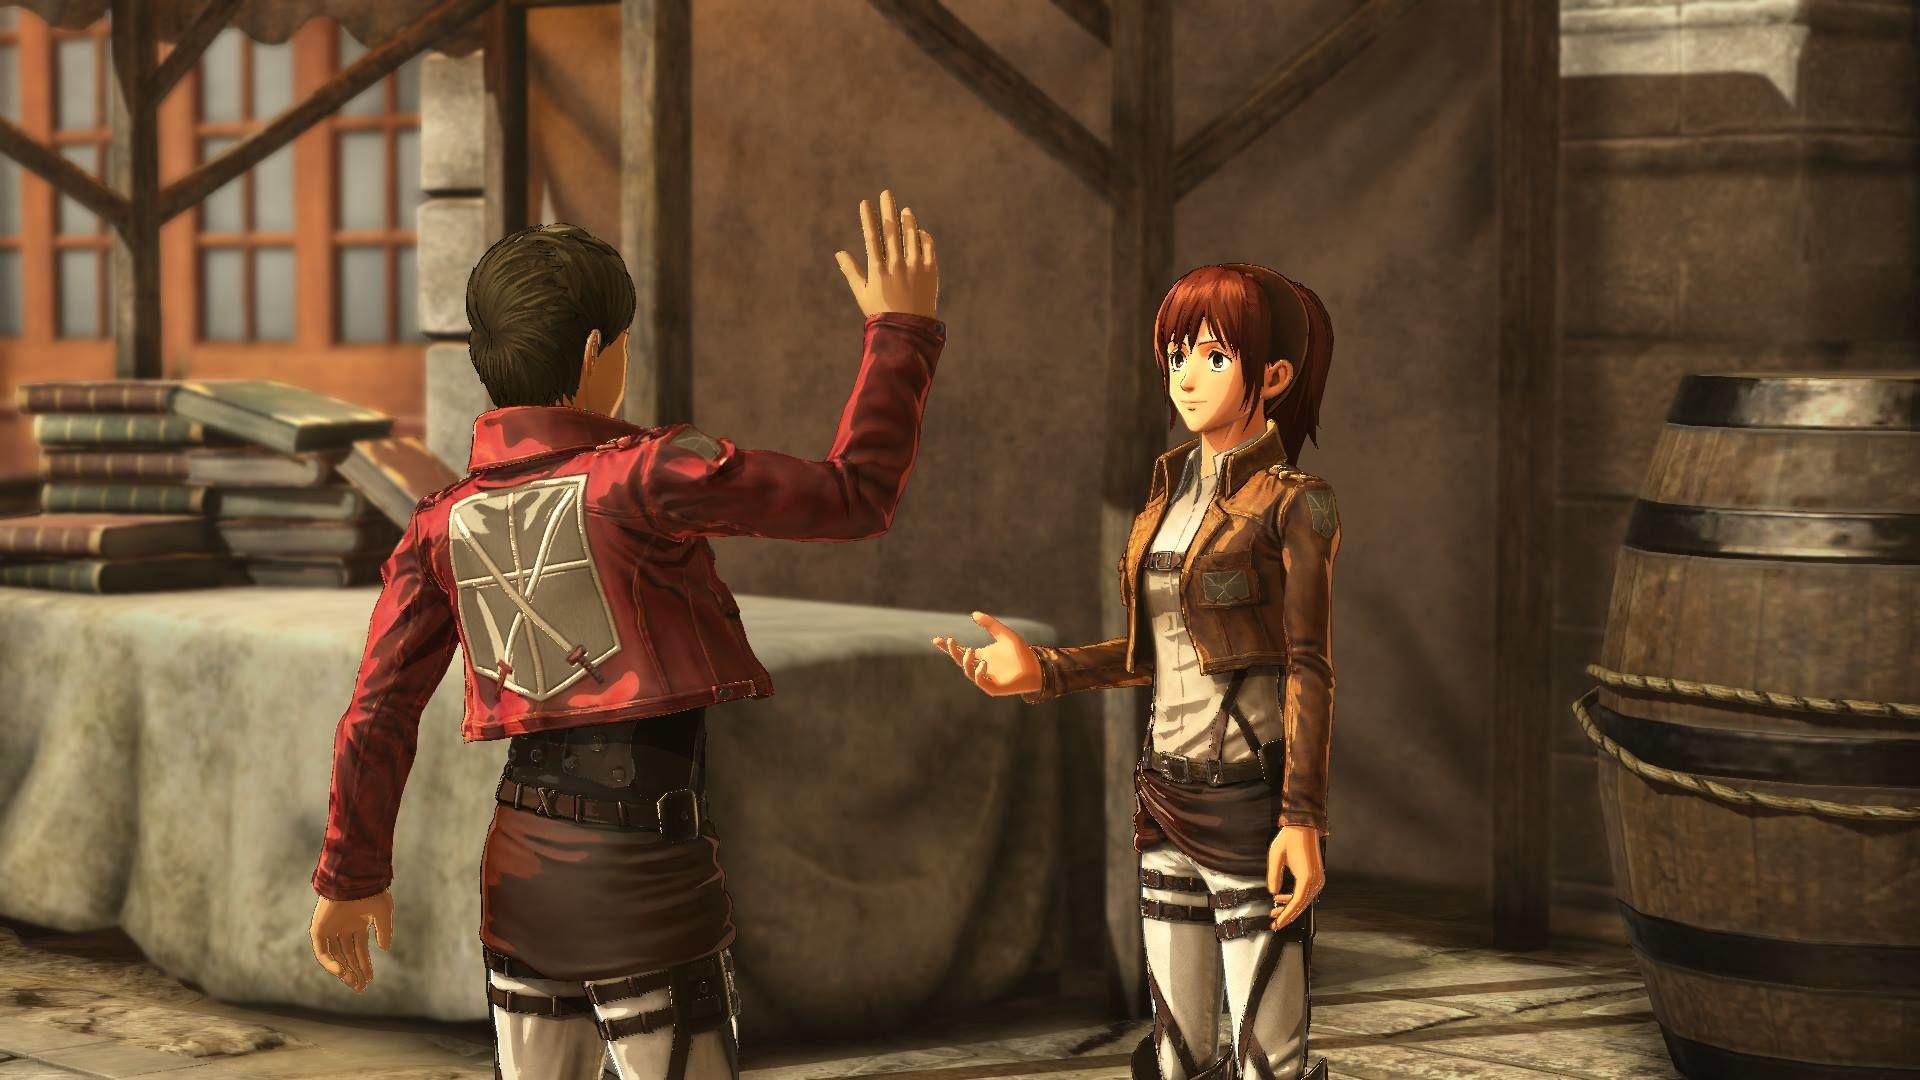 Attack on Titan 2'ye ait yeni bilgiler KOEI Tecmo tarafından yayınlandı